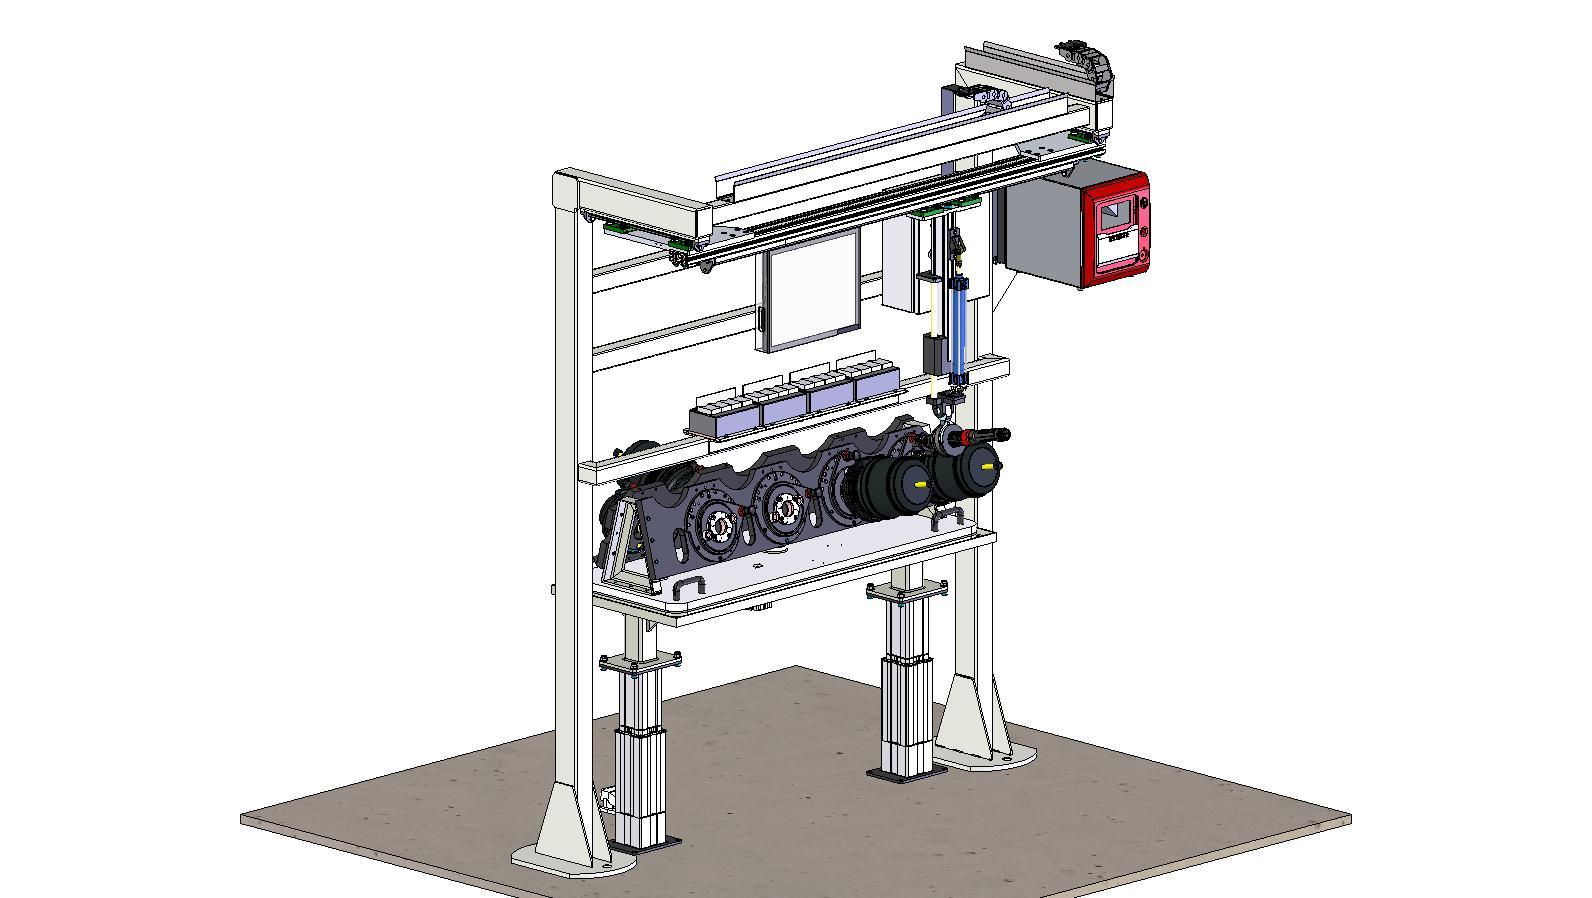 Projetos FP: Mesa para aperto do cilindro de freio